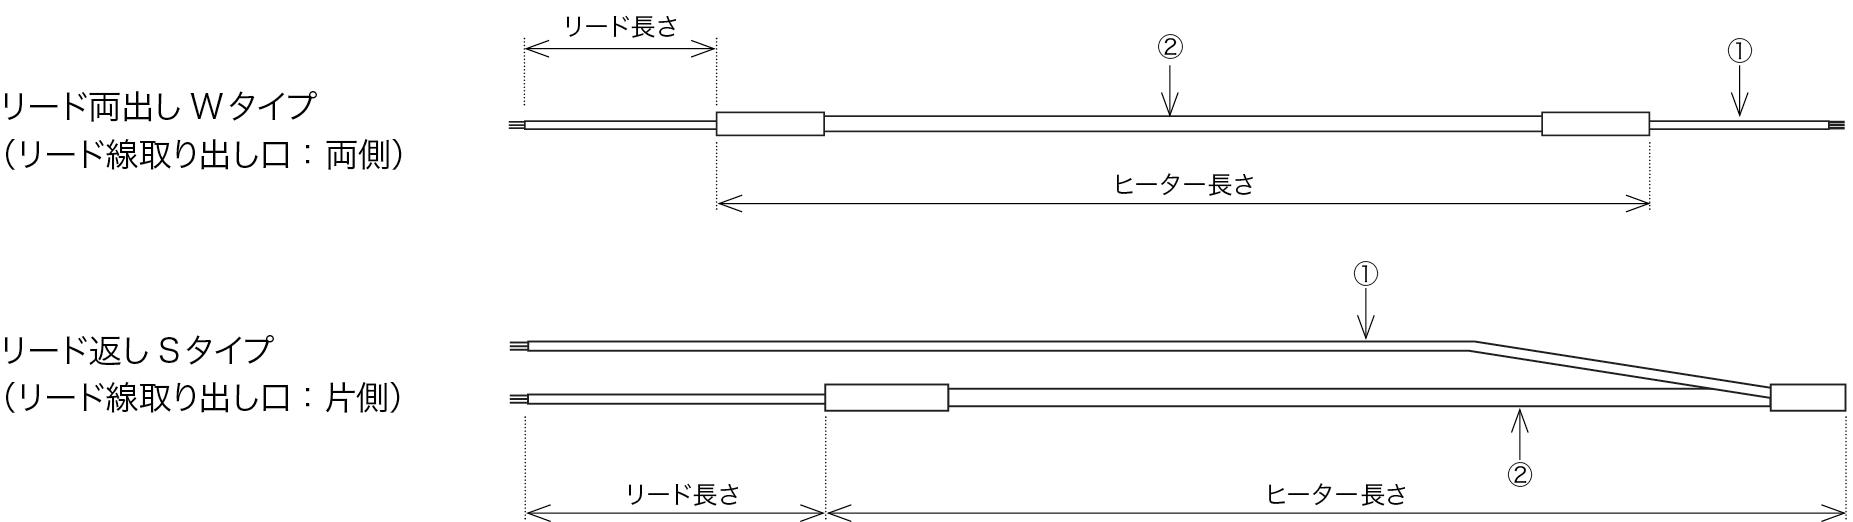 コードヒーターの構成図